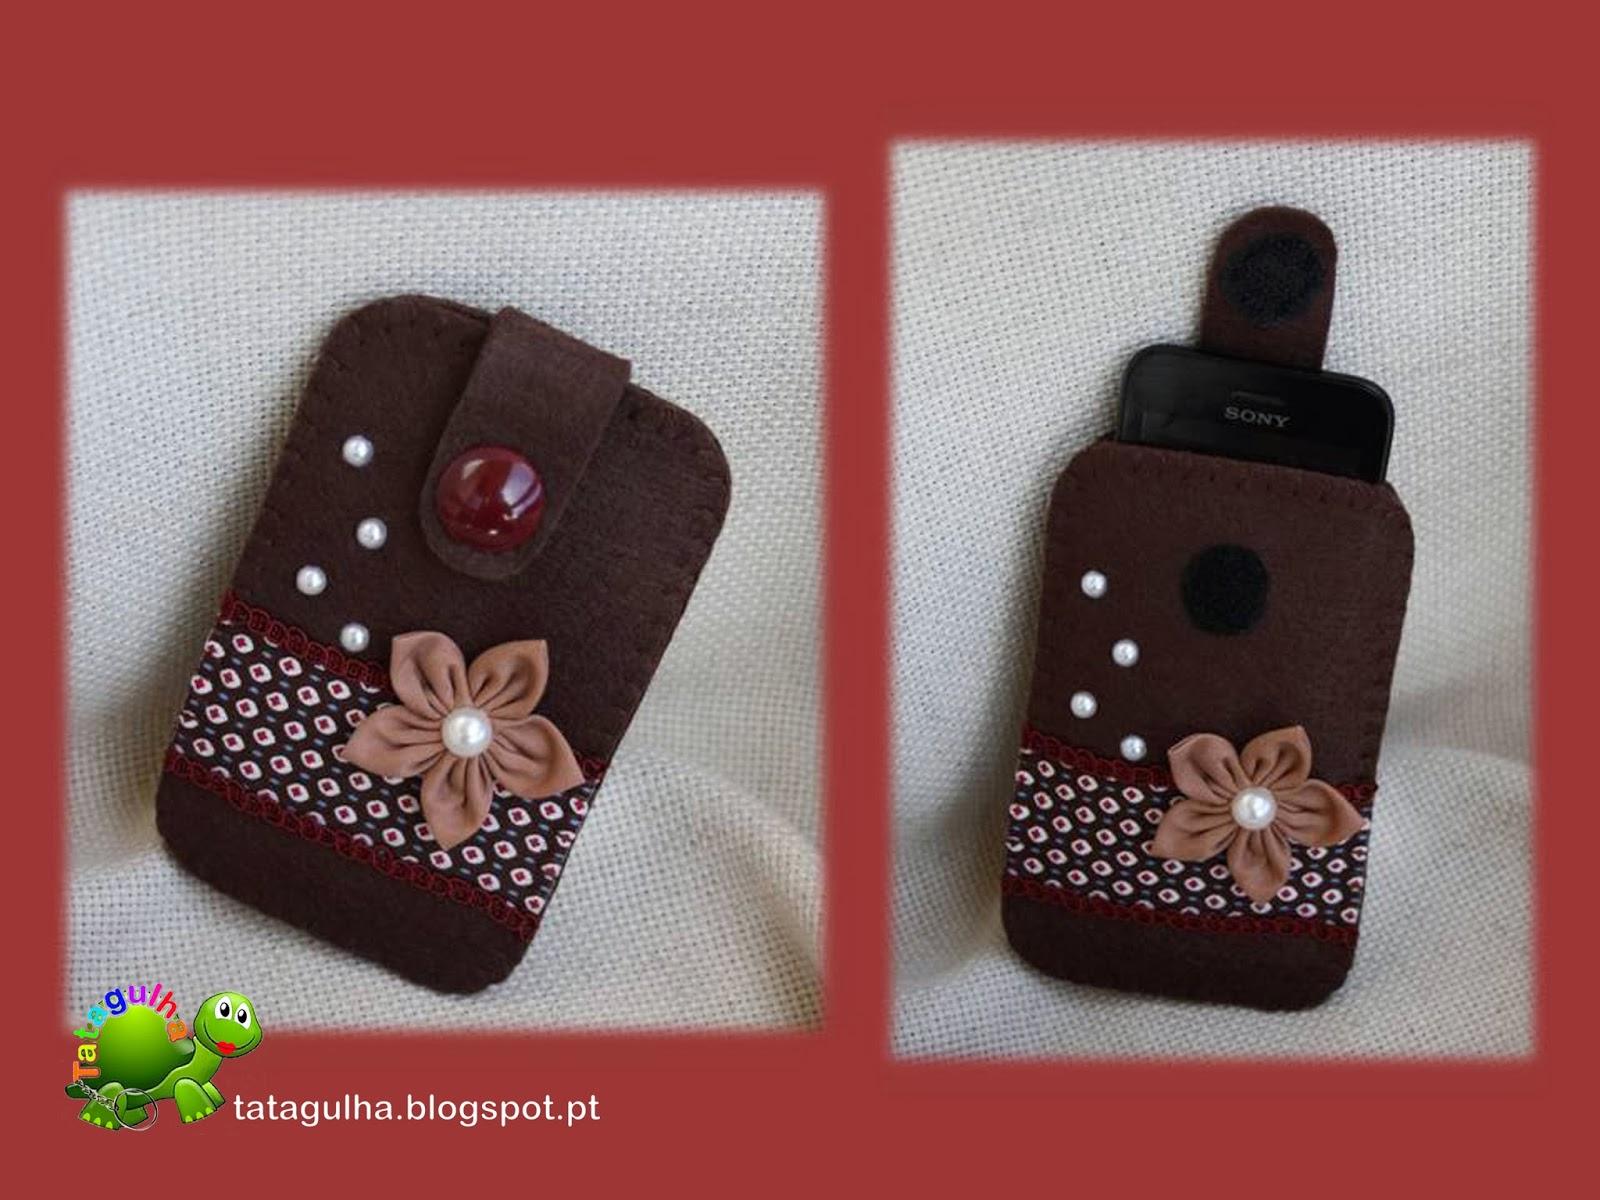 Bolsa Em Tecido Para Telemovel : Tatagulha bolsas para telem?vel em feltro e tecido